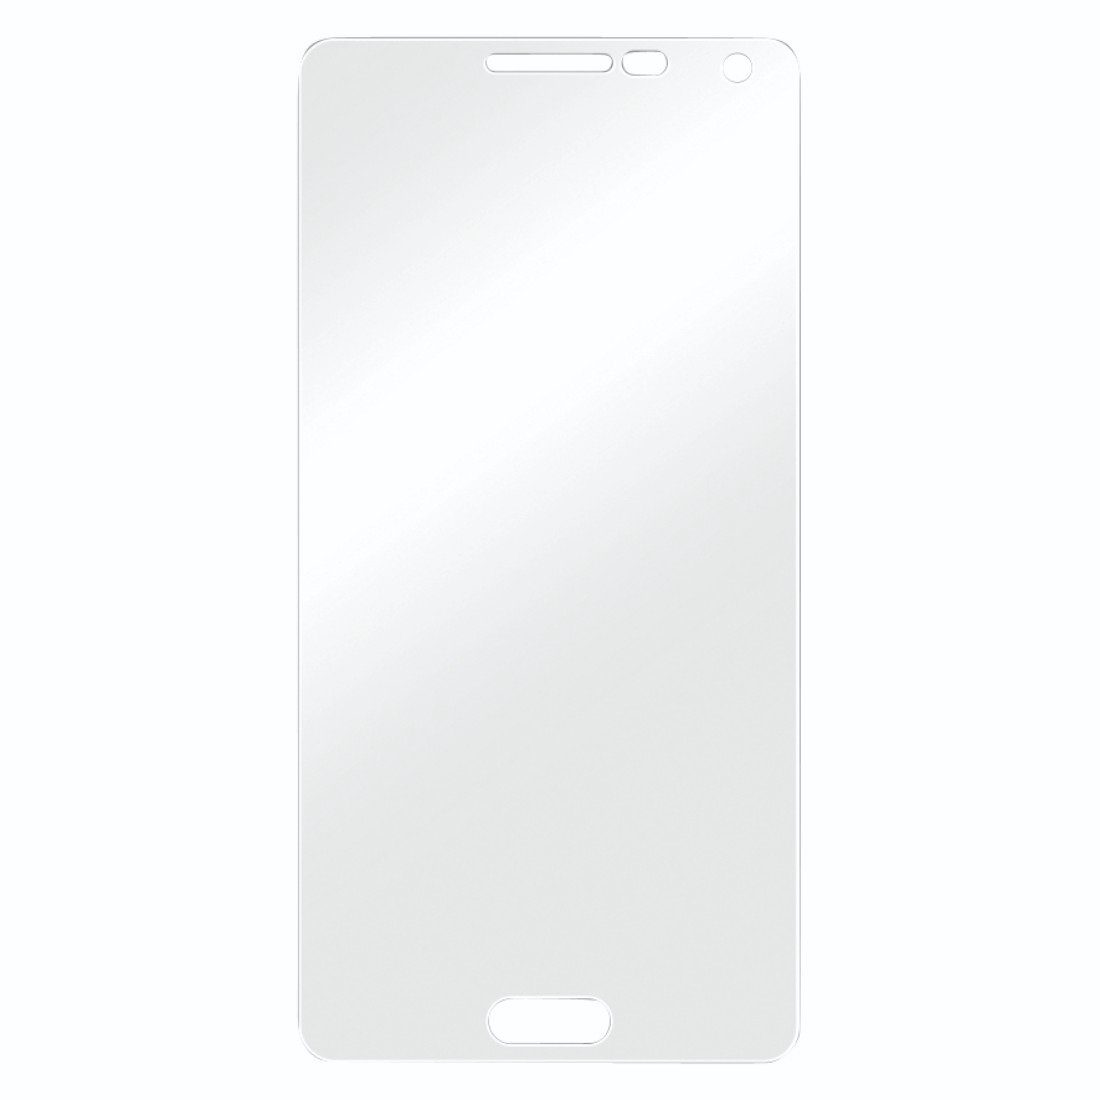 Hama Displayschutzfolie für Samsung Galaxy A5, 2er Set »Displayschutz Schutzfolie«